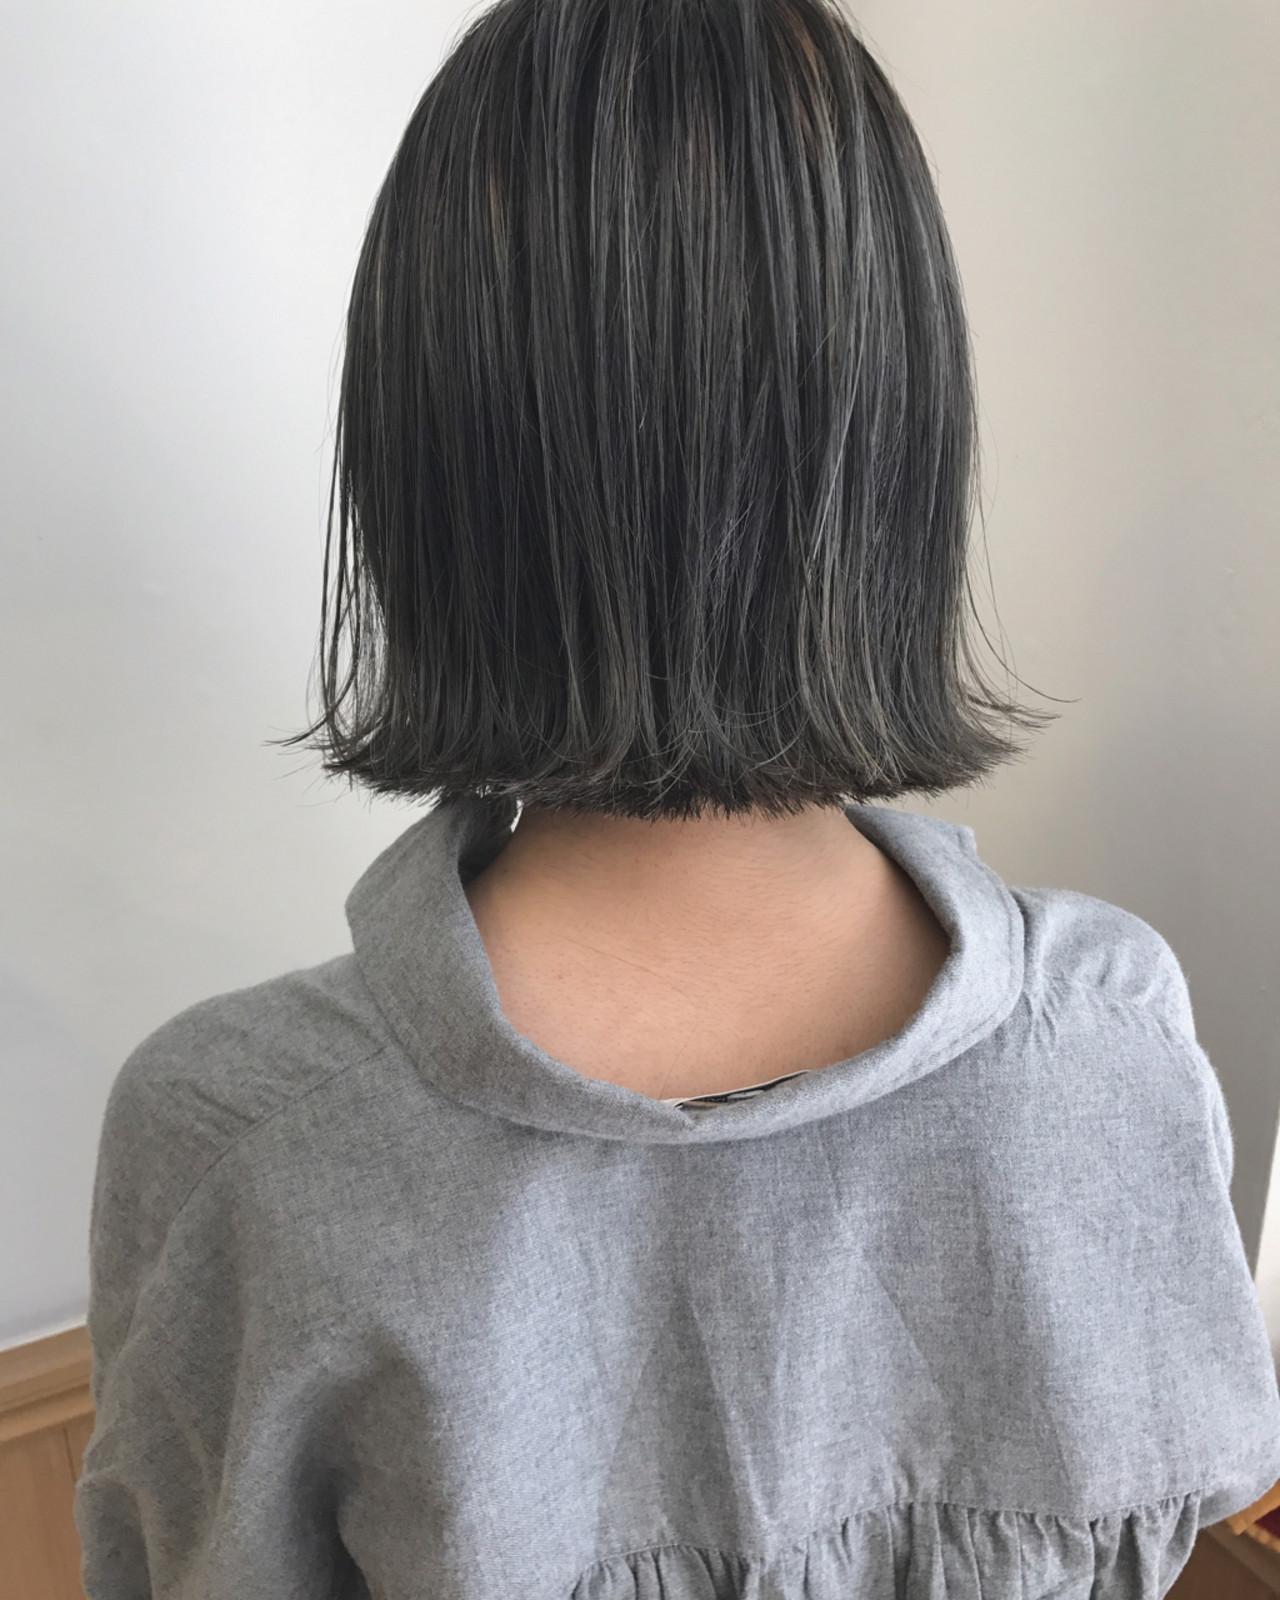 透明感 外ハネ 切りっぱなし 秋 ヘアスタイルや髪型の写真・画像 | KENTO.NOESALON / NOE SALON